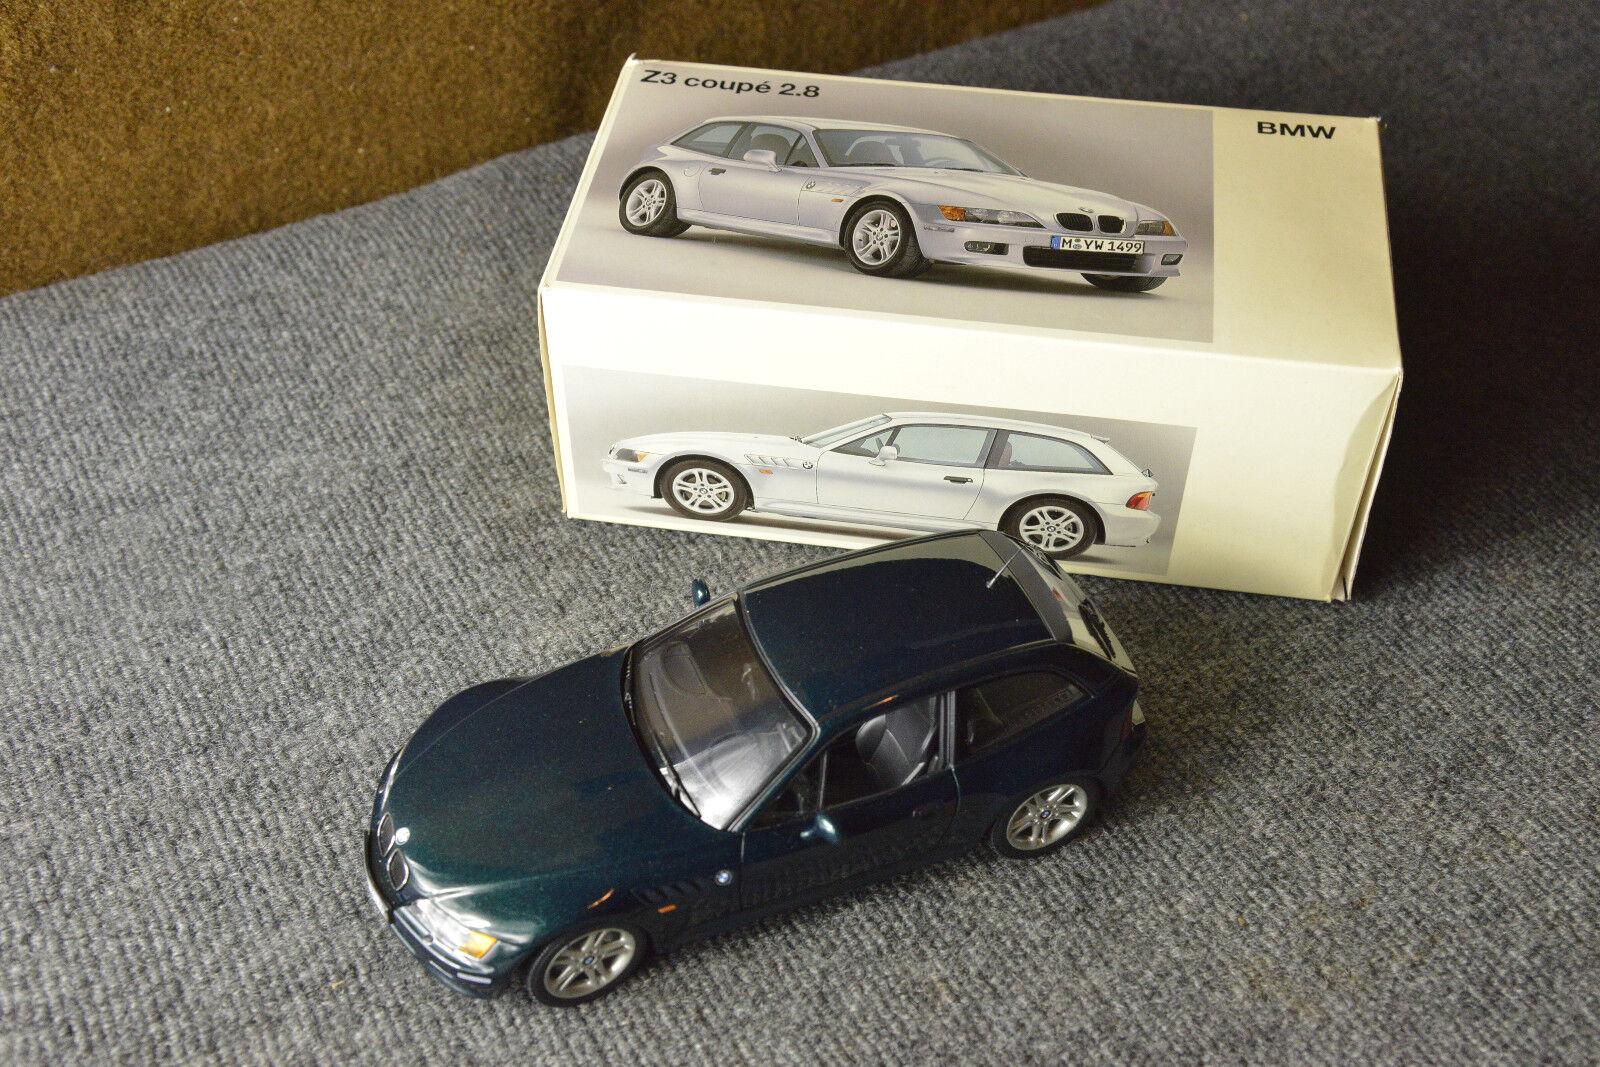 BMW Z3 Coupé 2.8 m³ M replica Toy Collector UT DEALER PROMO modèle vert